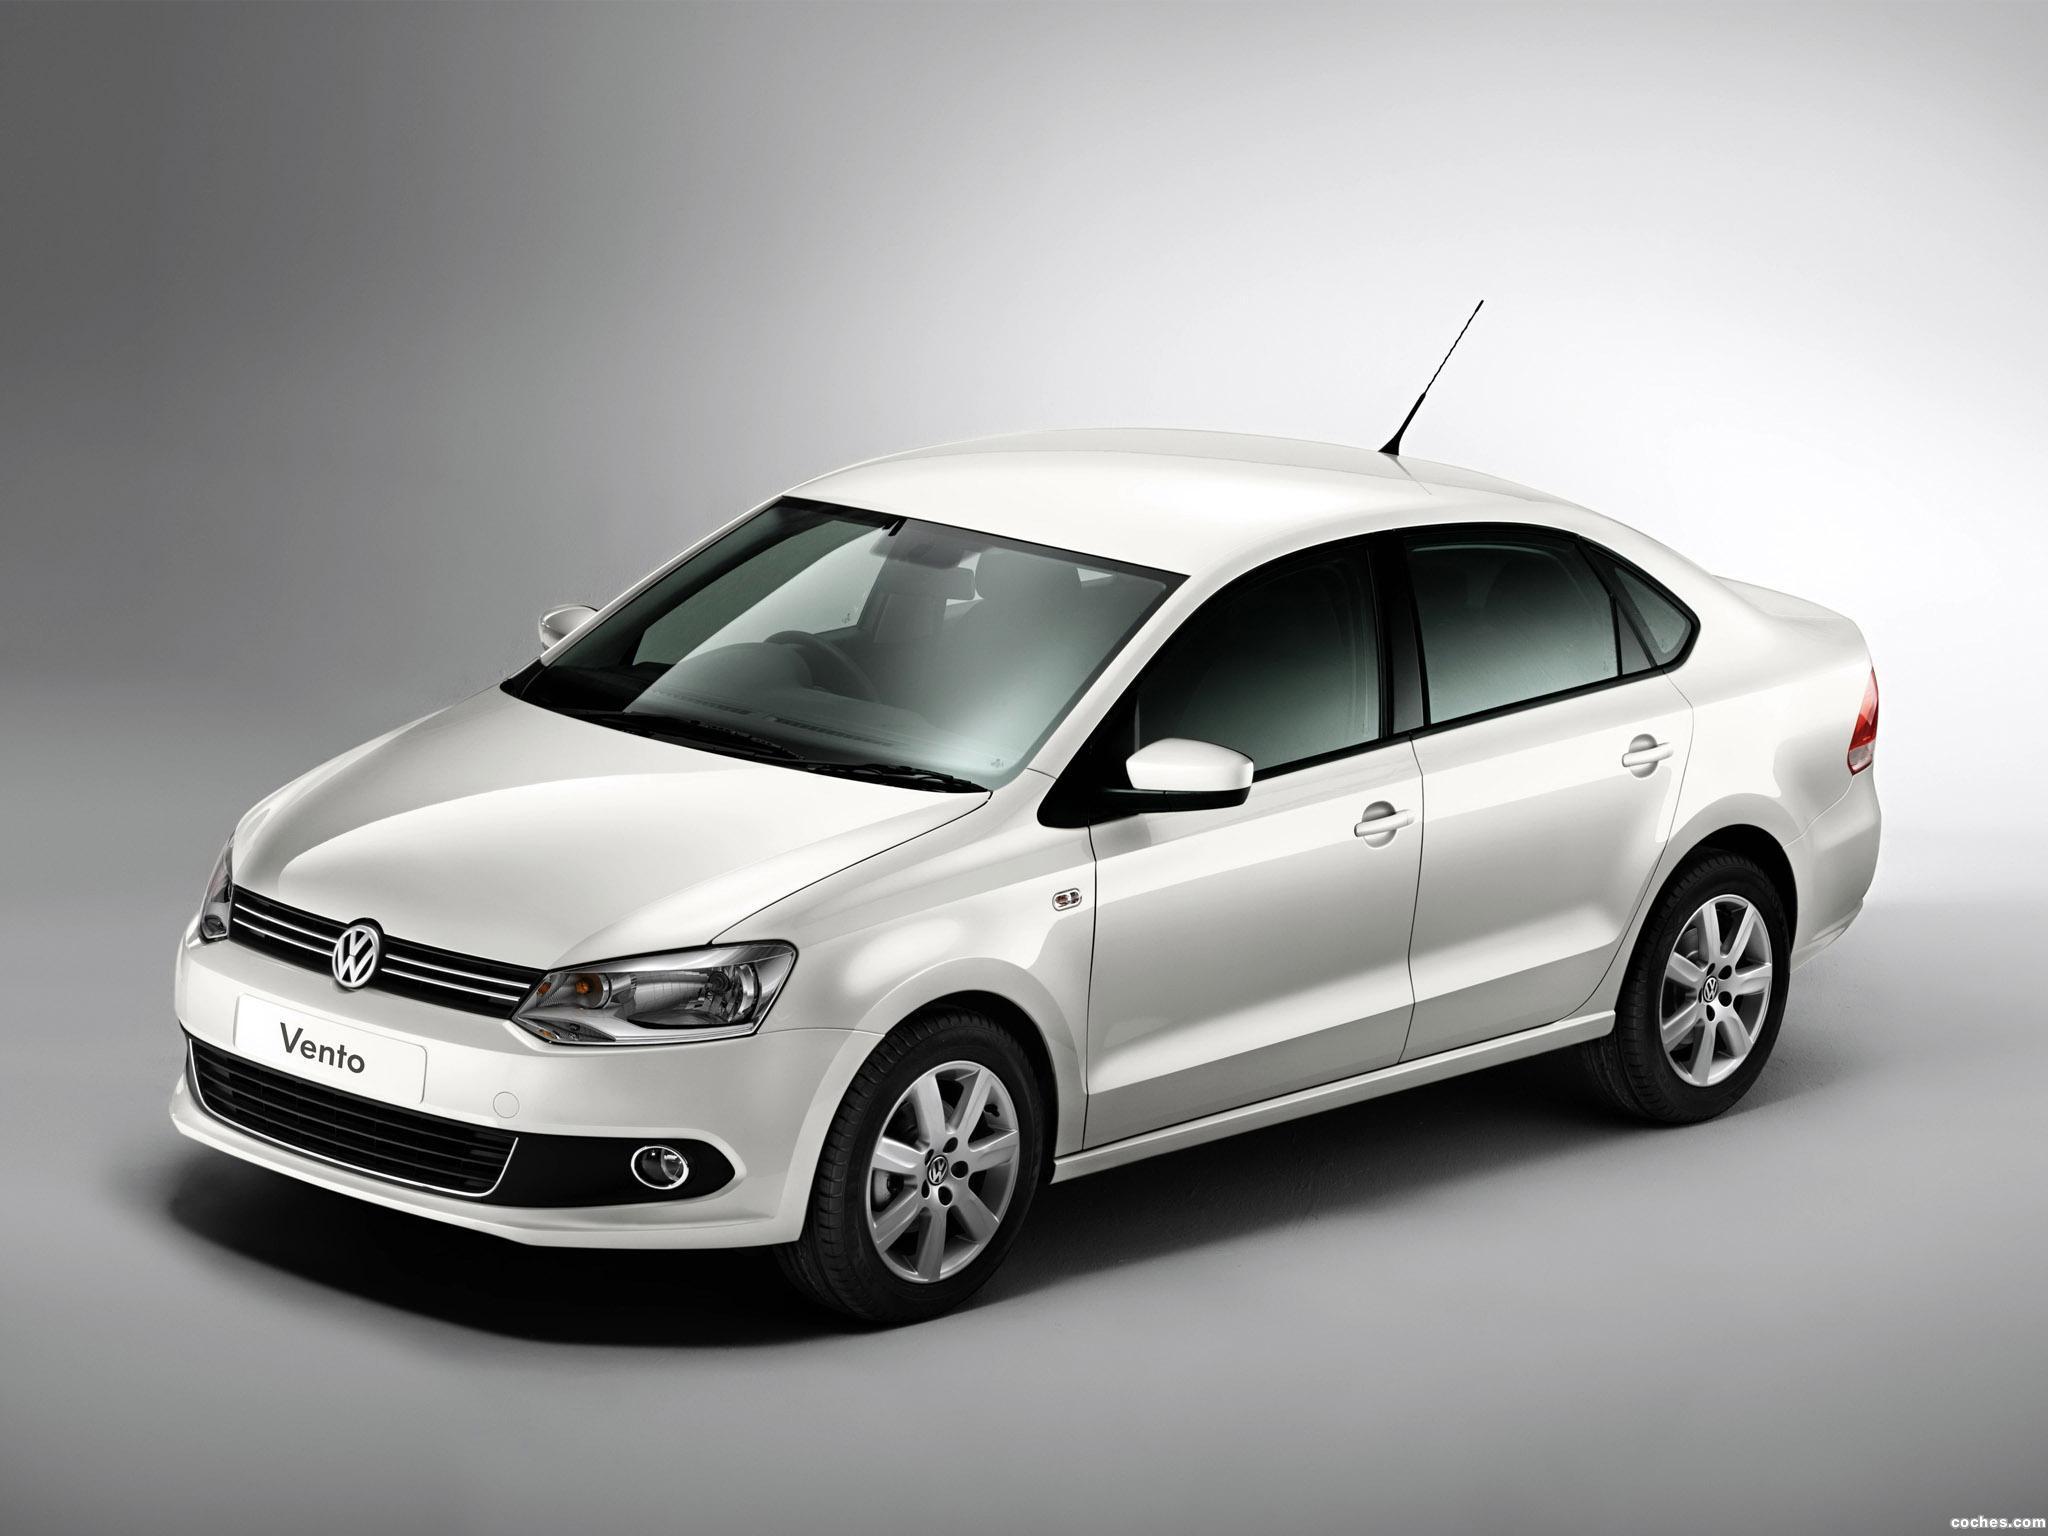 Foto 0 de Volkswagen Vento 2010